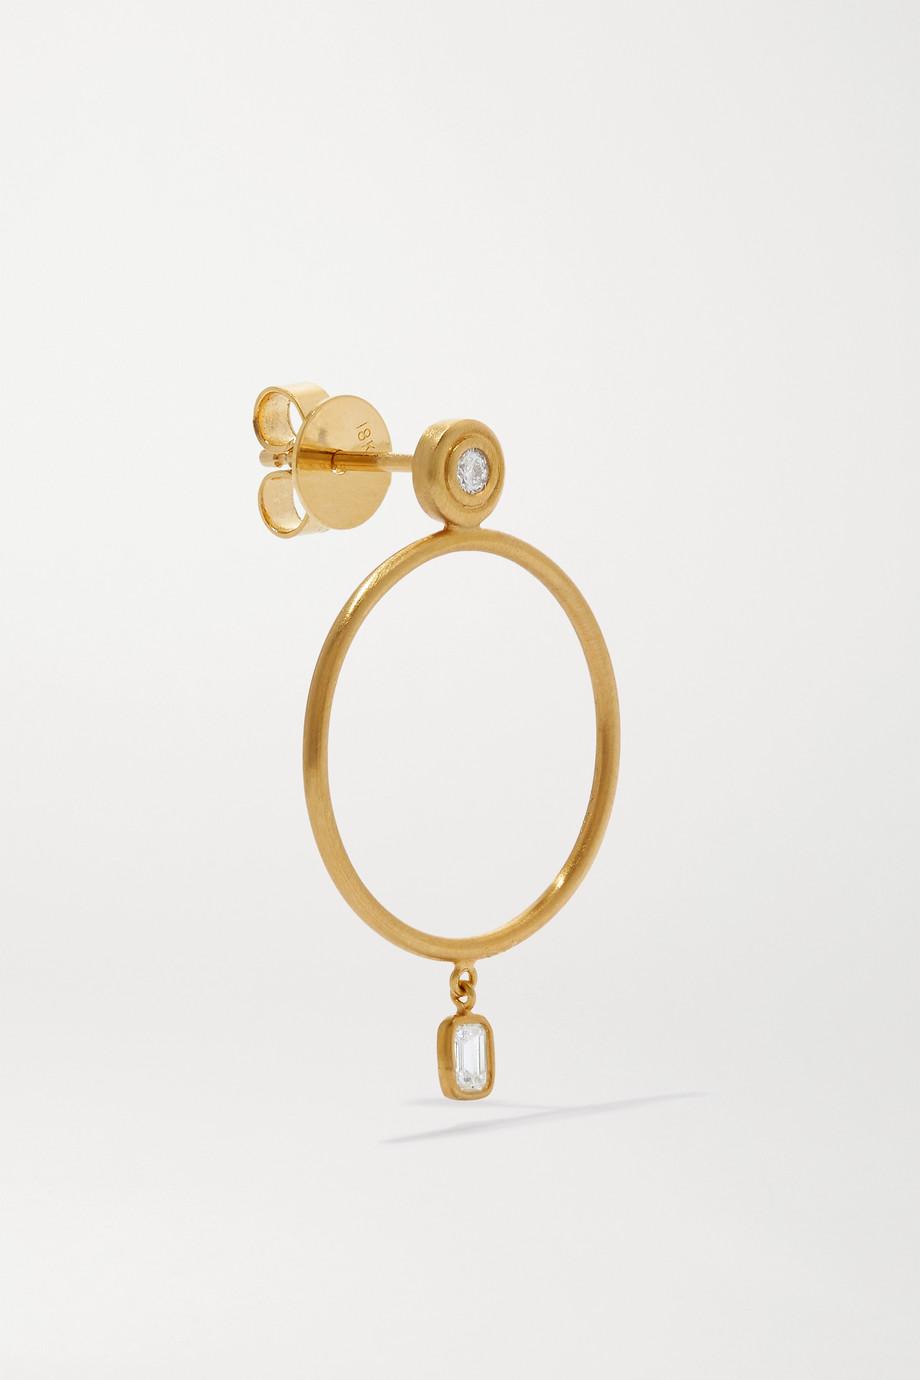 Octavia Elizabeth + NET SUSTAIN Sanded Ohrringe aus 18 Karat Gold mit Diamanten